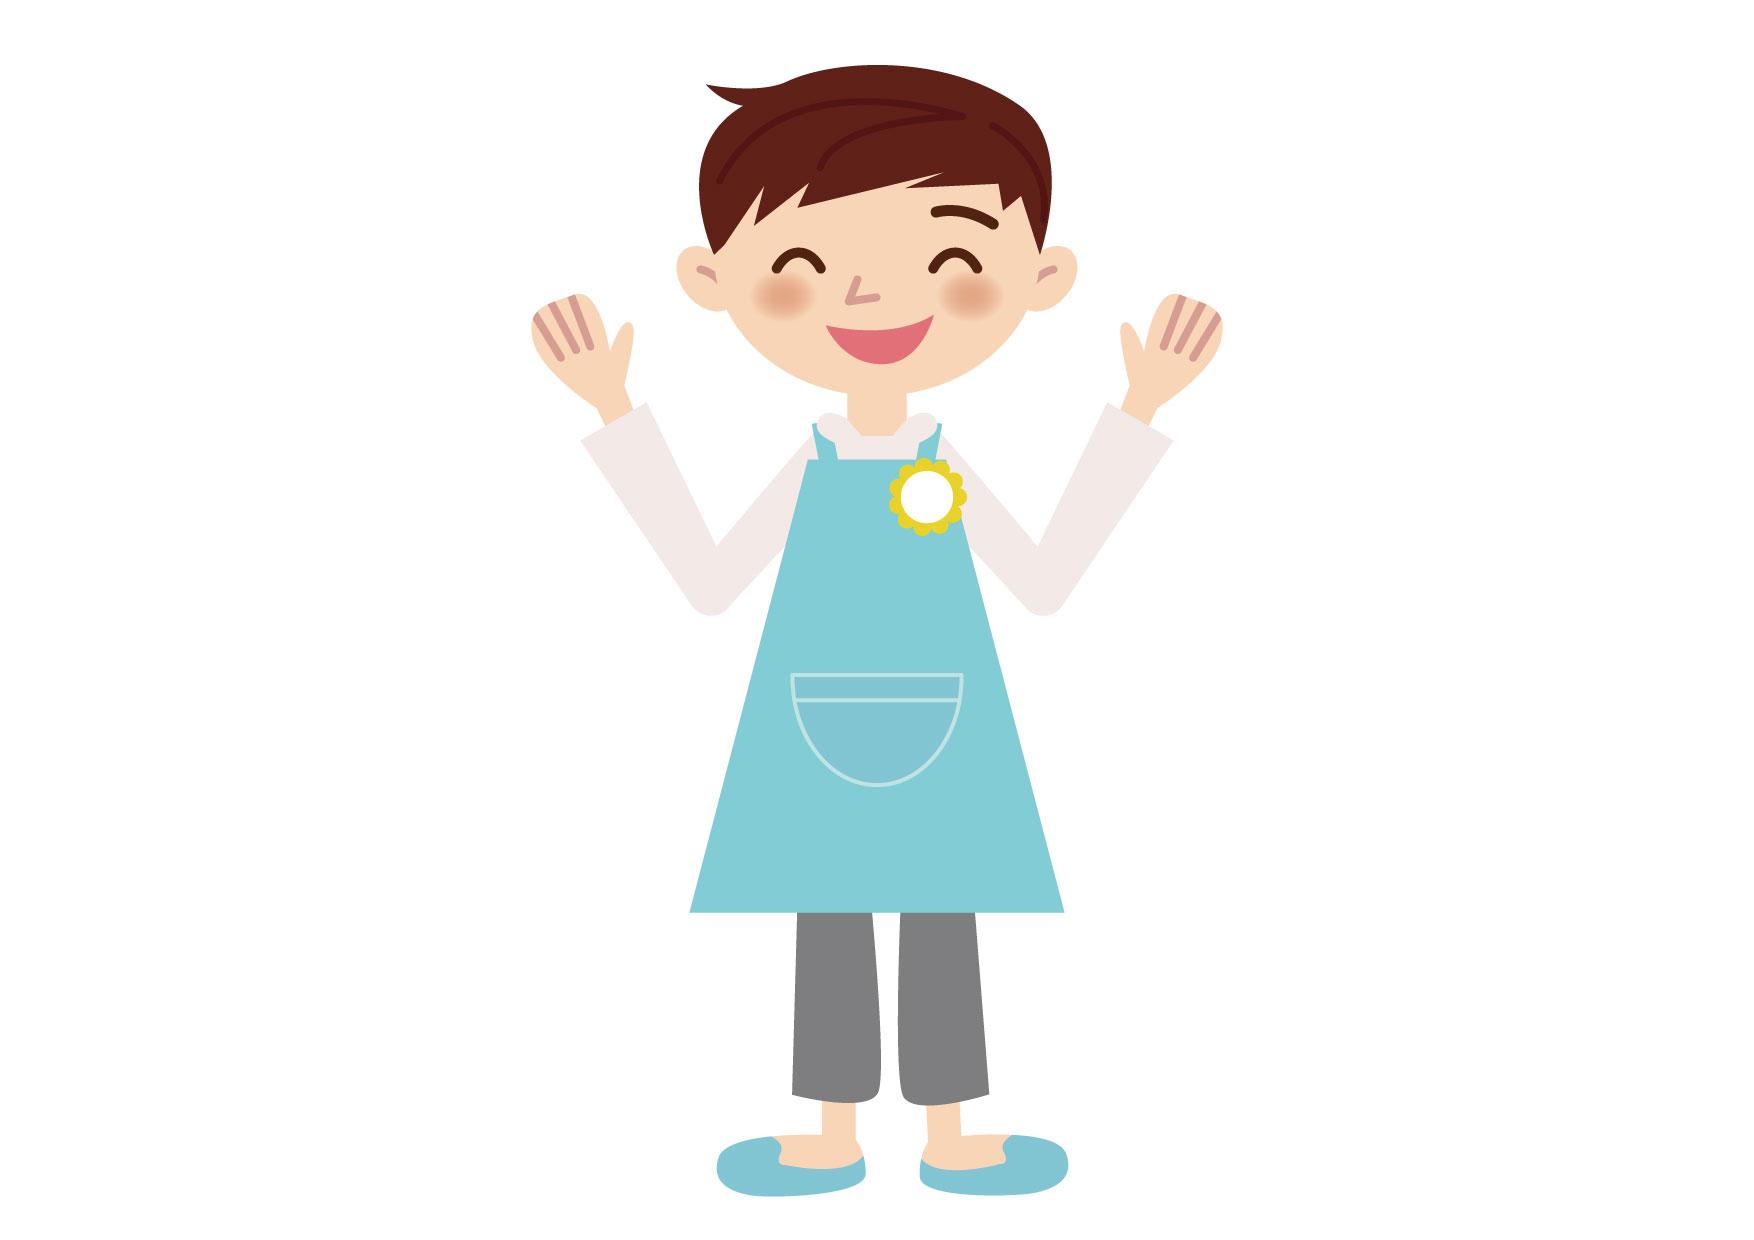 可愛いイラスト無料|保育士 男性 両手上げる ポーズ − free illustration Nursery teacher man raising both hands pose